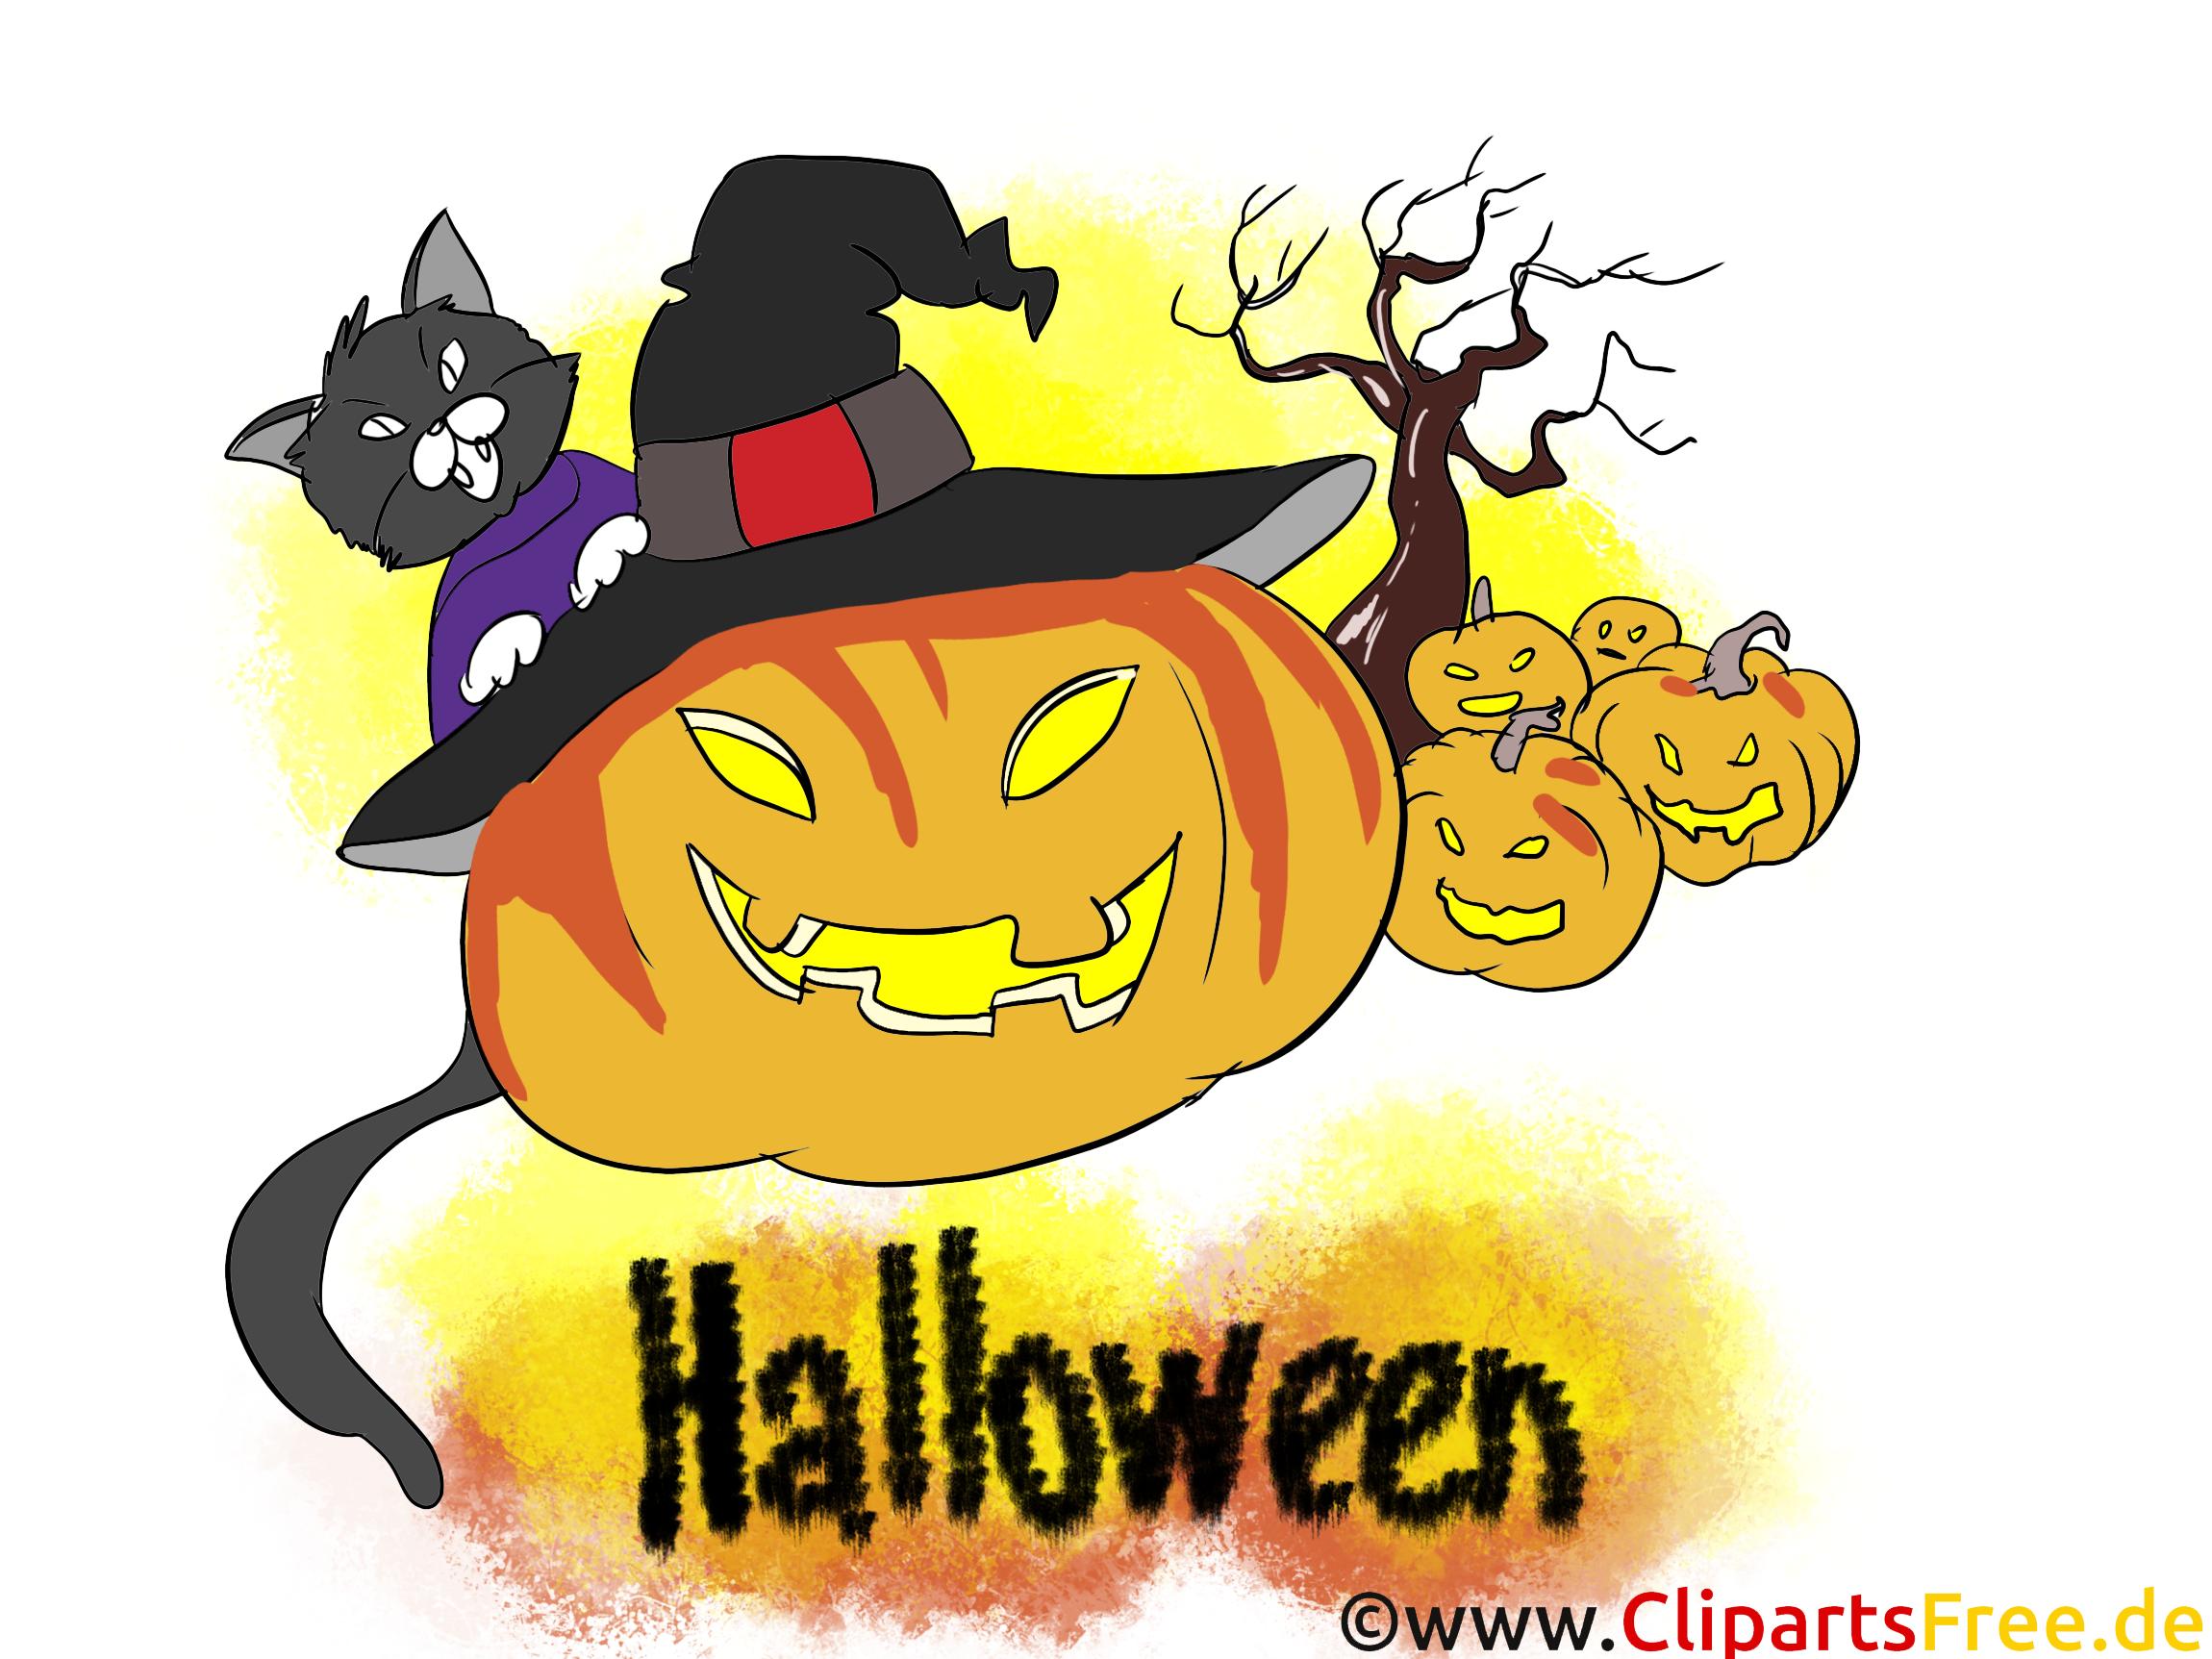 Halloween Einladungskarten selbst gestalten - Clipart, Bild, Vorlage, Illustration